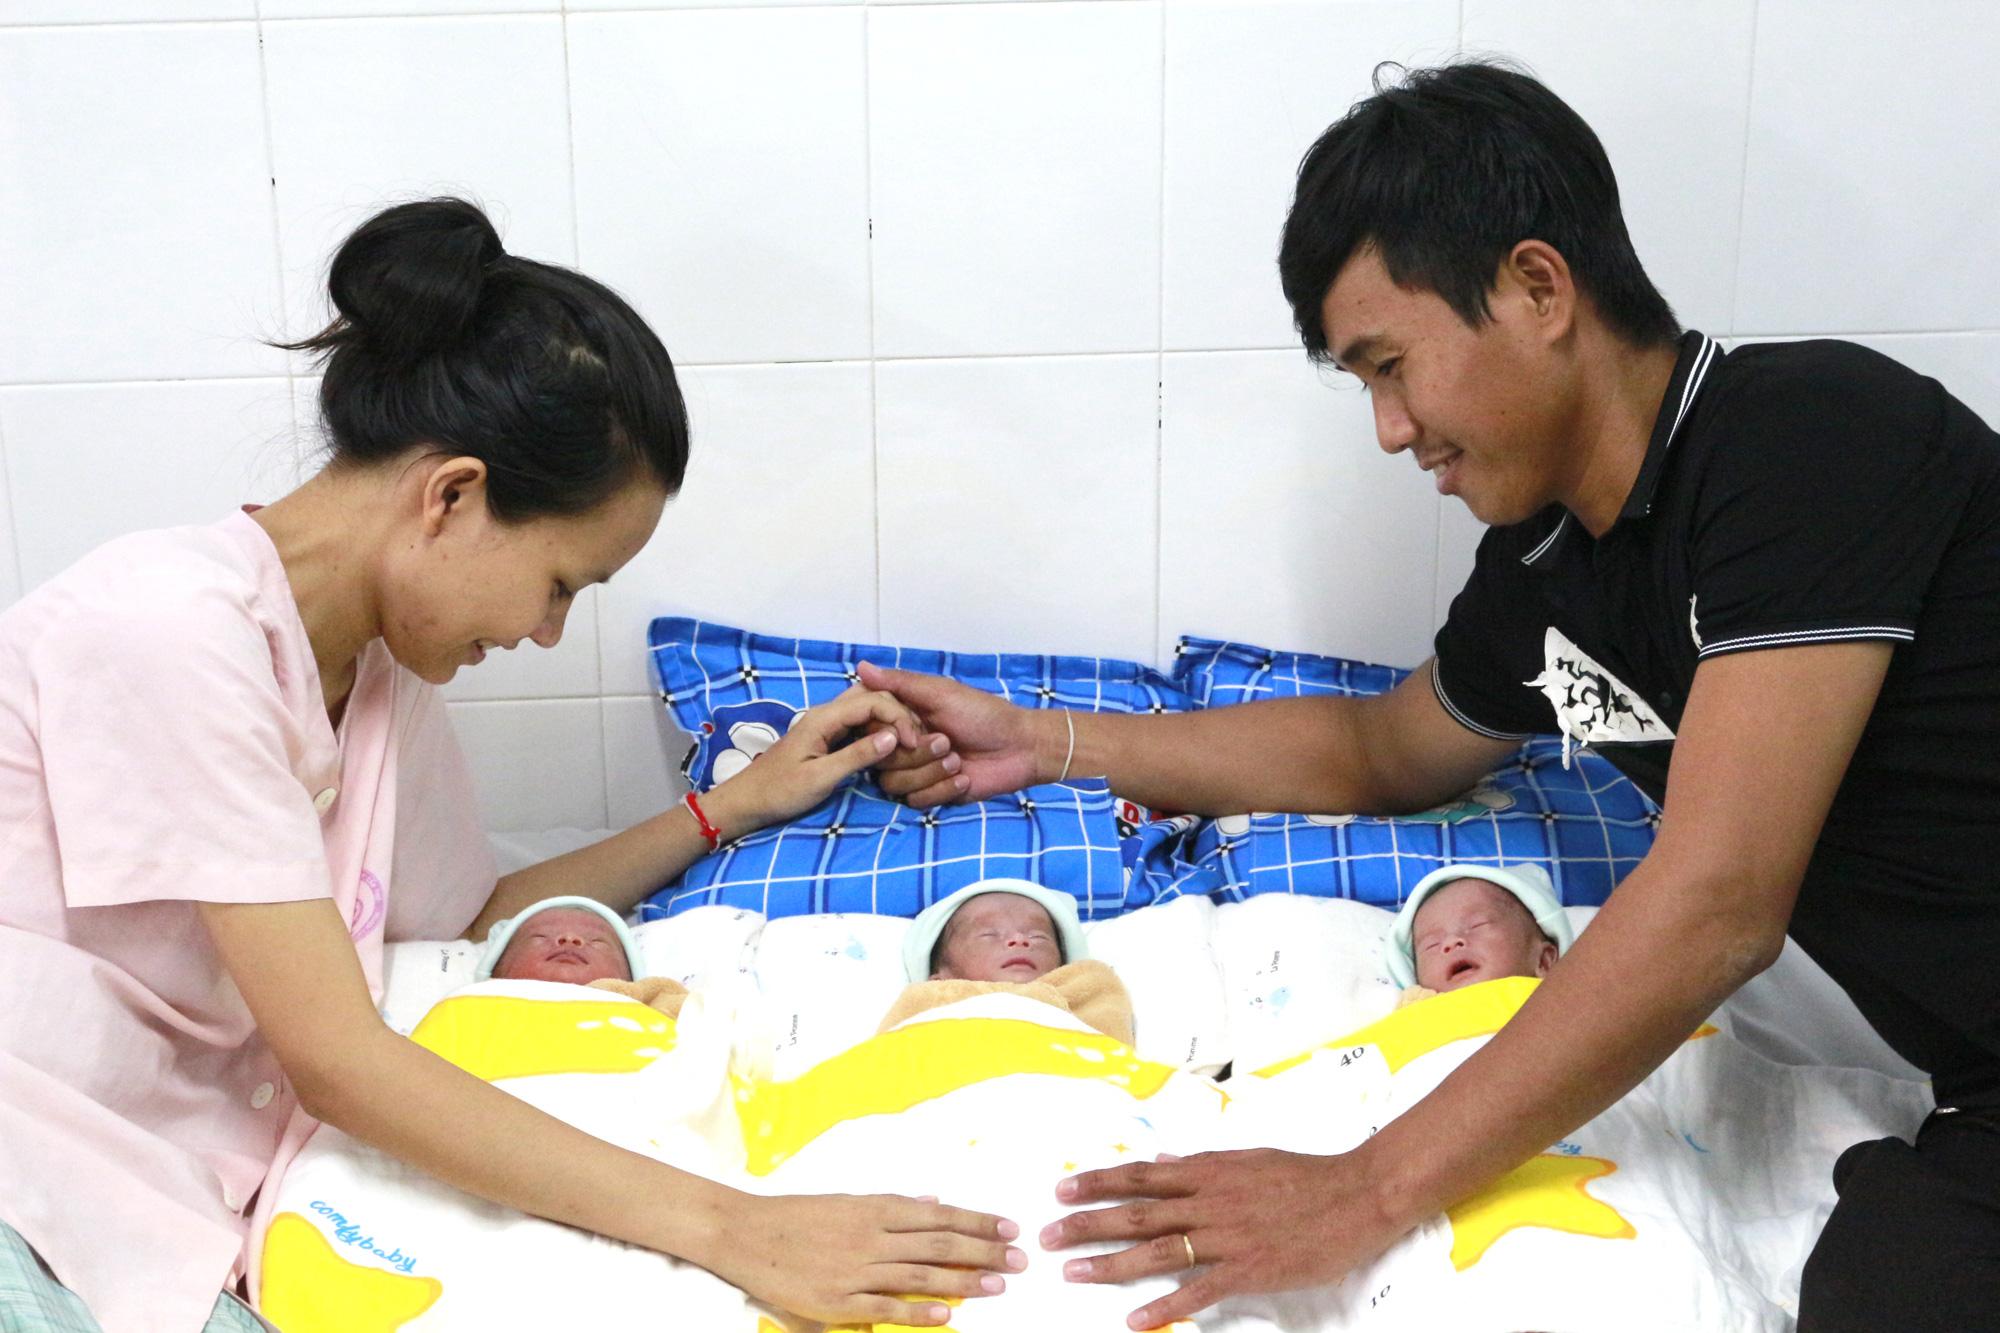 Cần Thơ: Hy hữu trong một tháng có 2 trường hợp tam thai tự nhiên hiếm gặp - Ảnh 2.